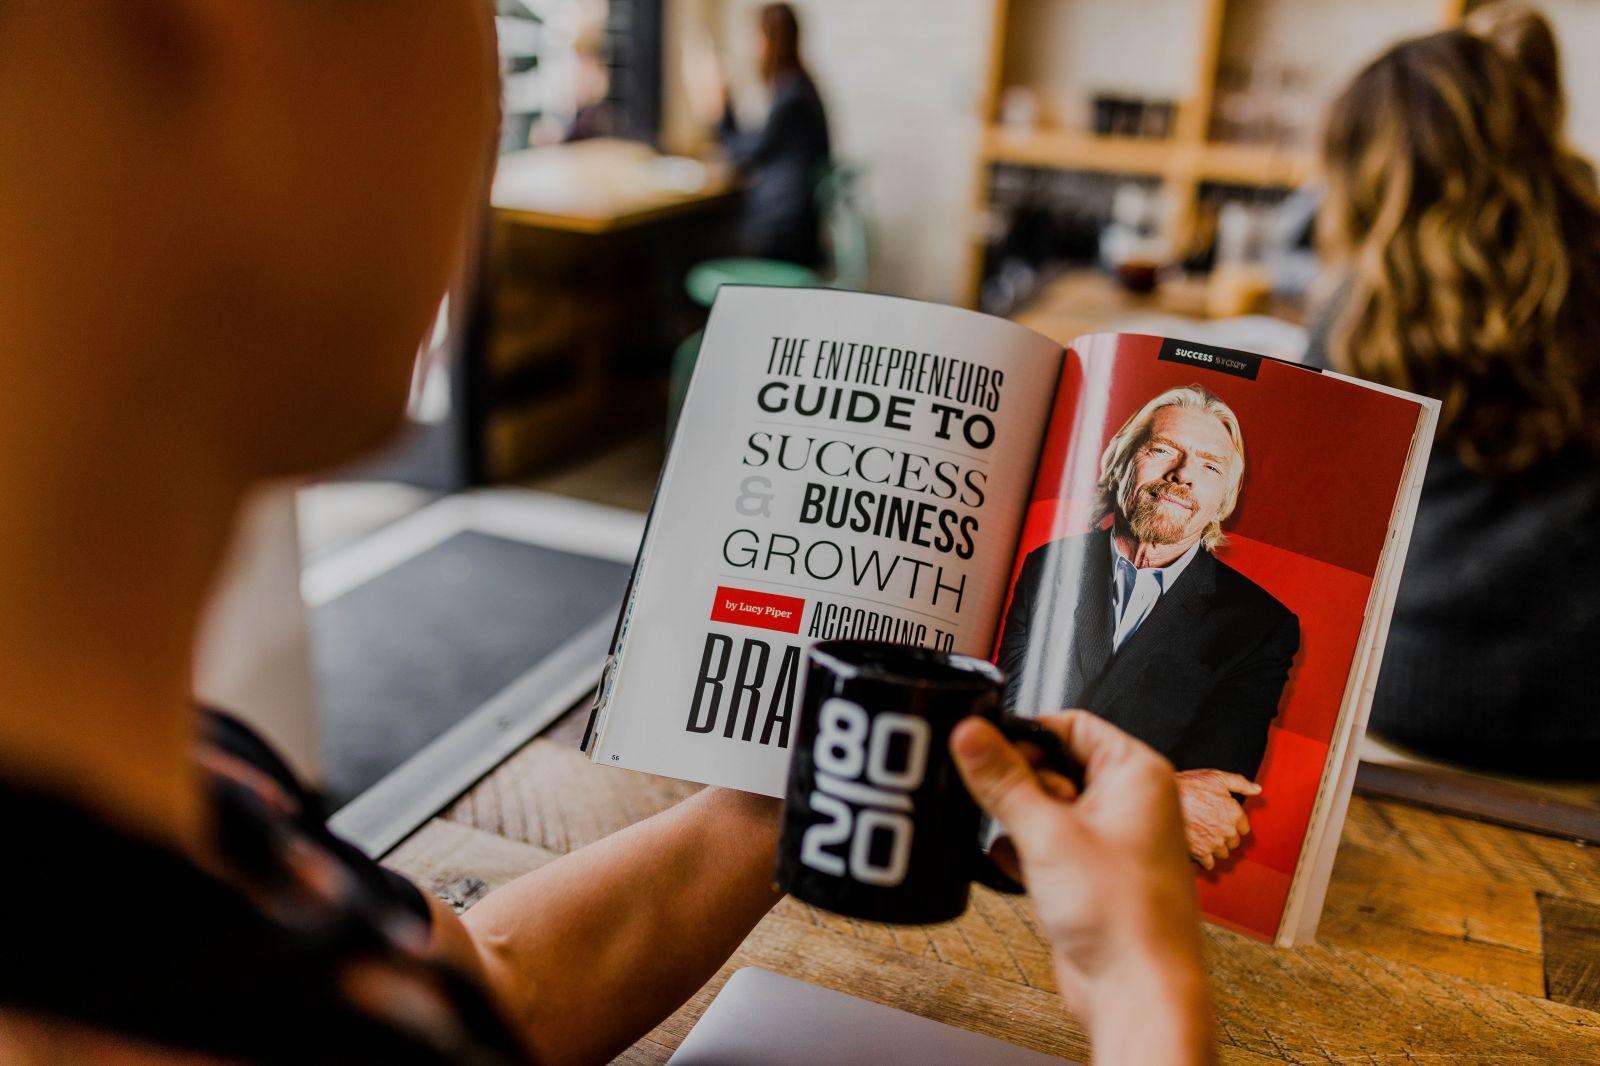 Užitočné e-booky aj podnikateľský účet. Čo ti pomôže rozbehnúť biznis úplne zadarmo?